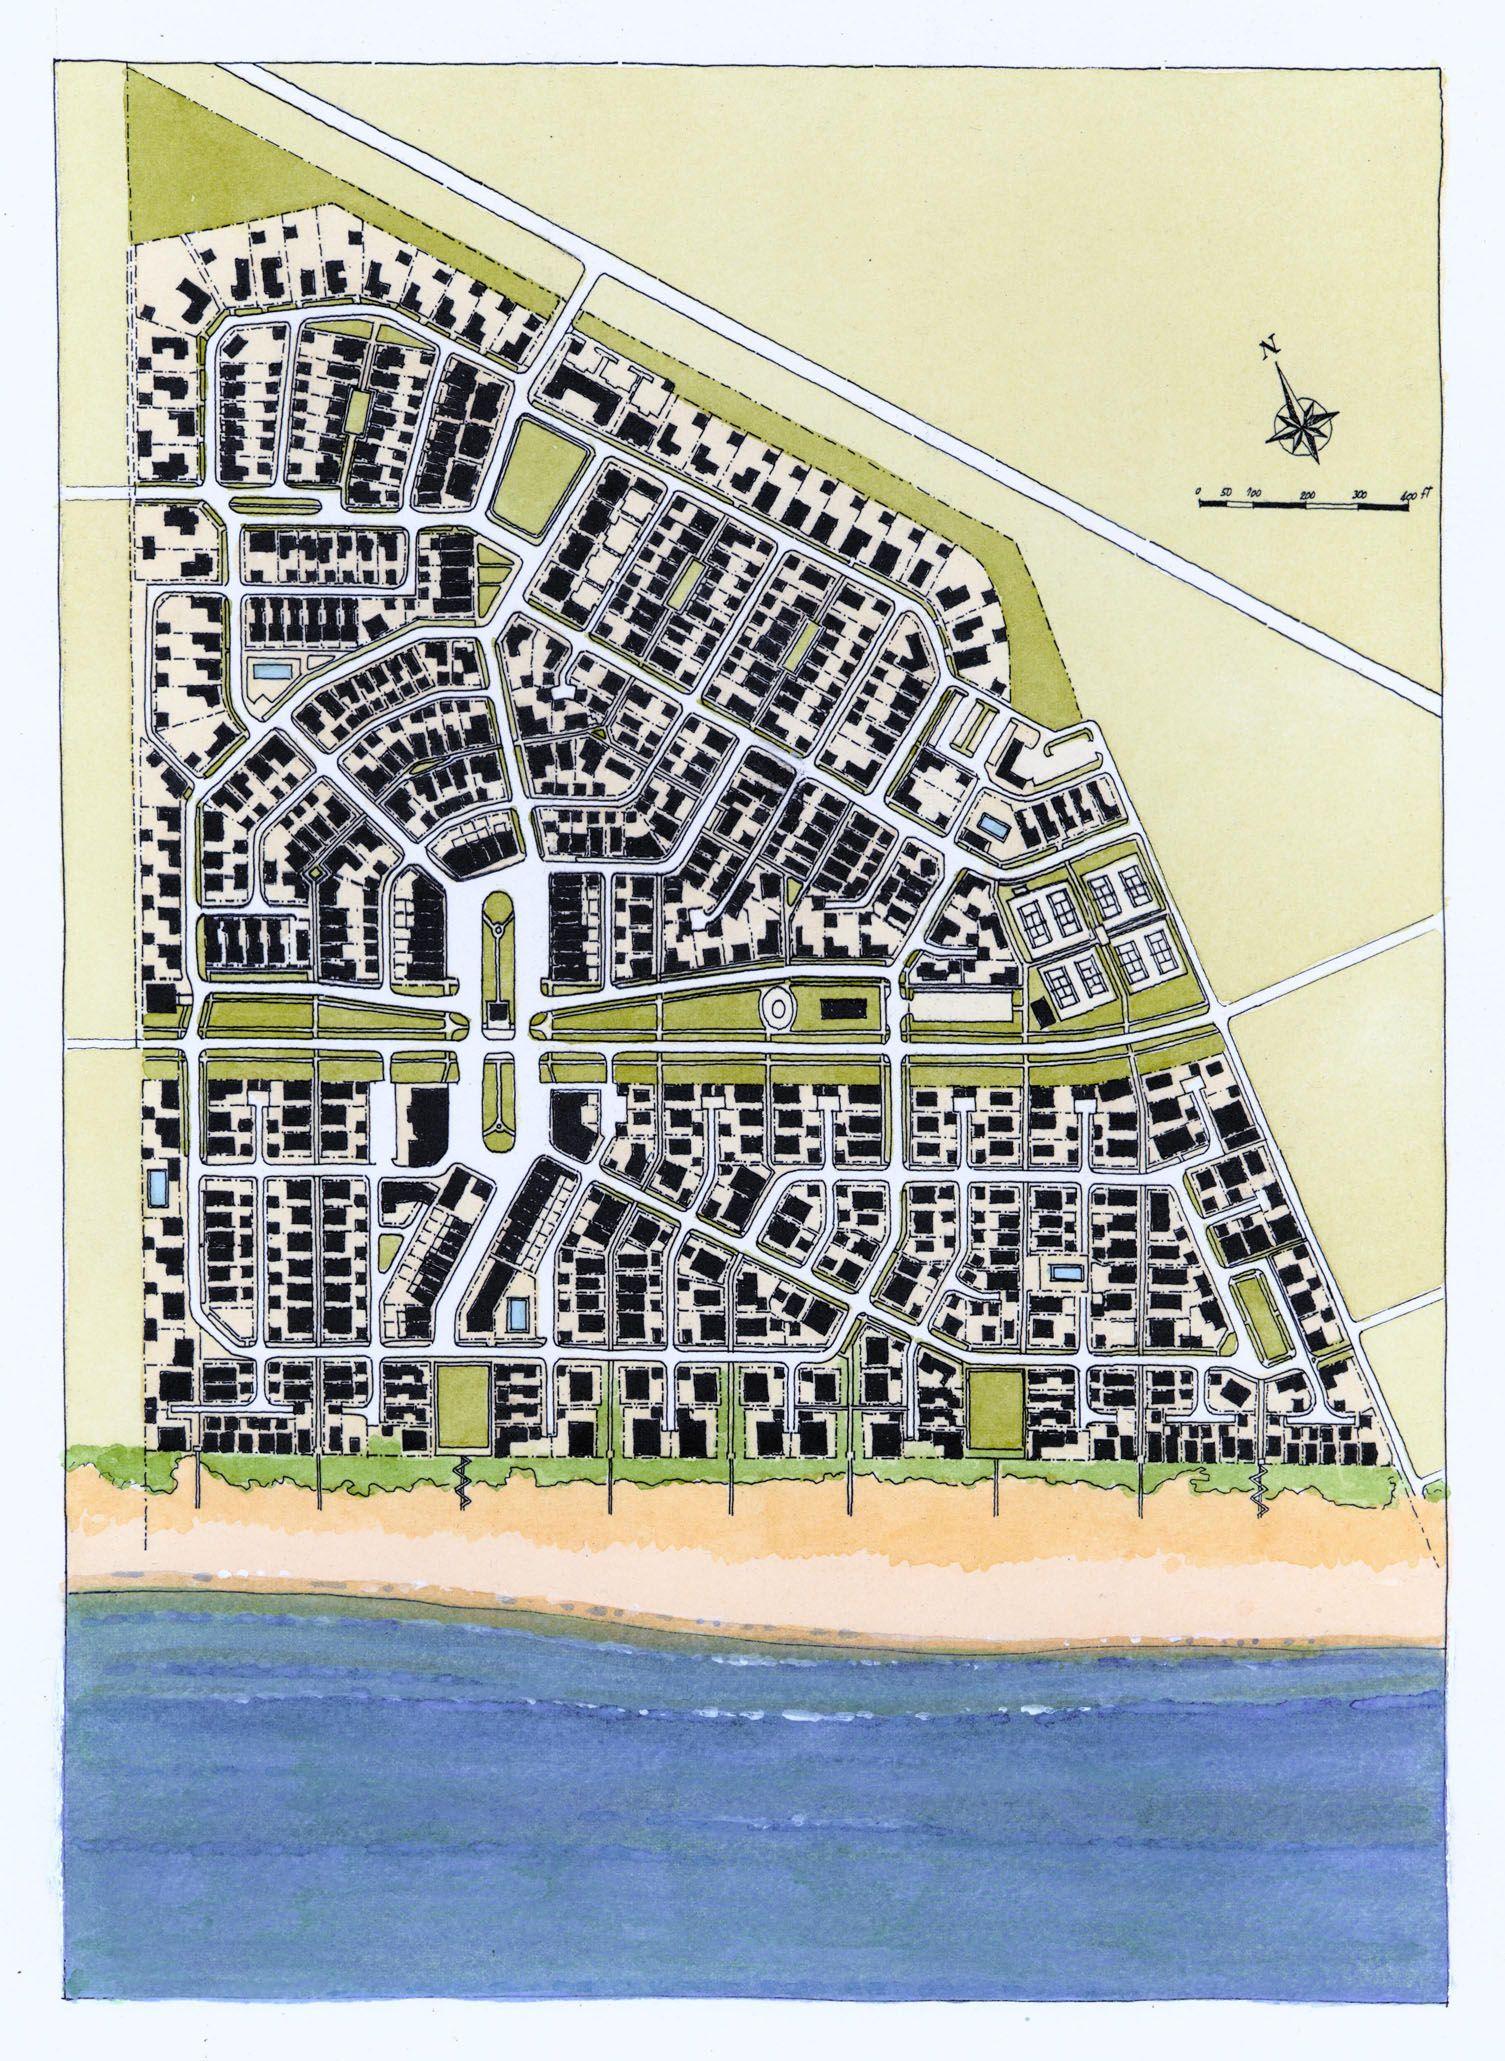 9500 Miramar Rd: Diseño Urbano